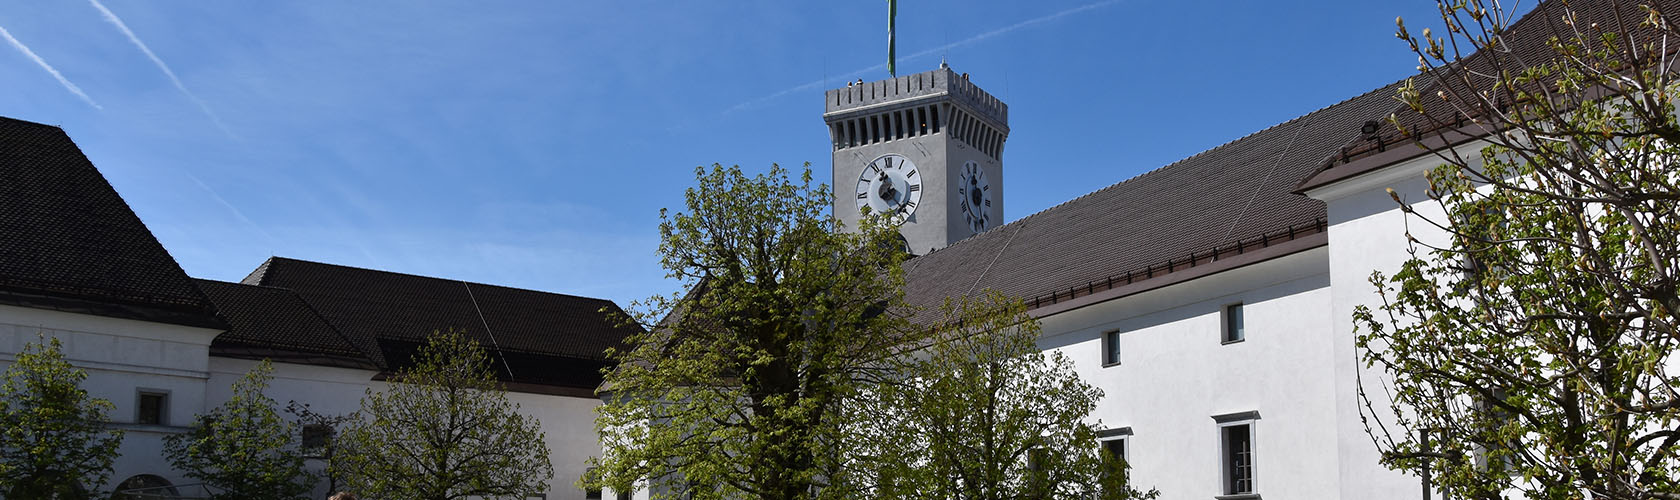 Kasteel van Ljubljana (Ljubljanski Grad)